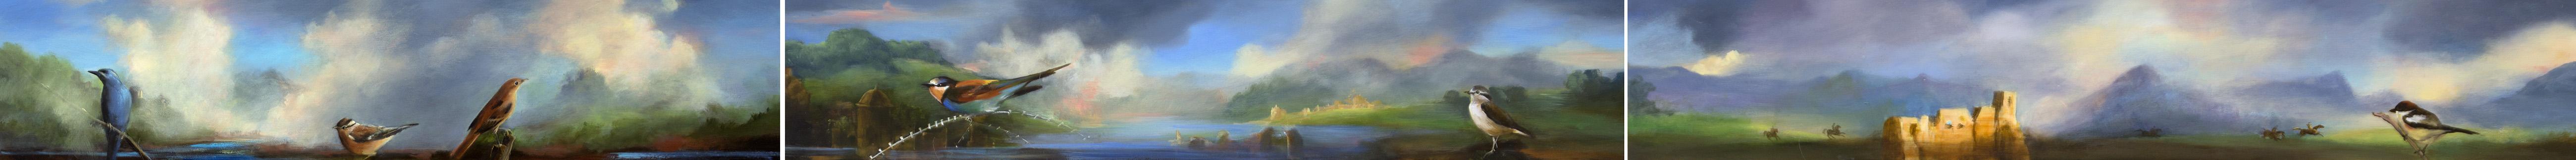 Boyajian, Romantic Landscape